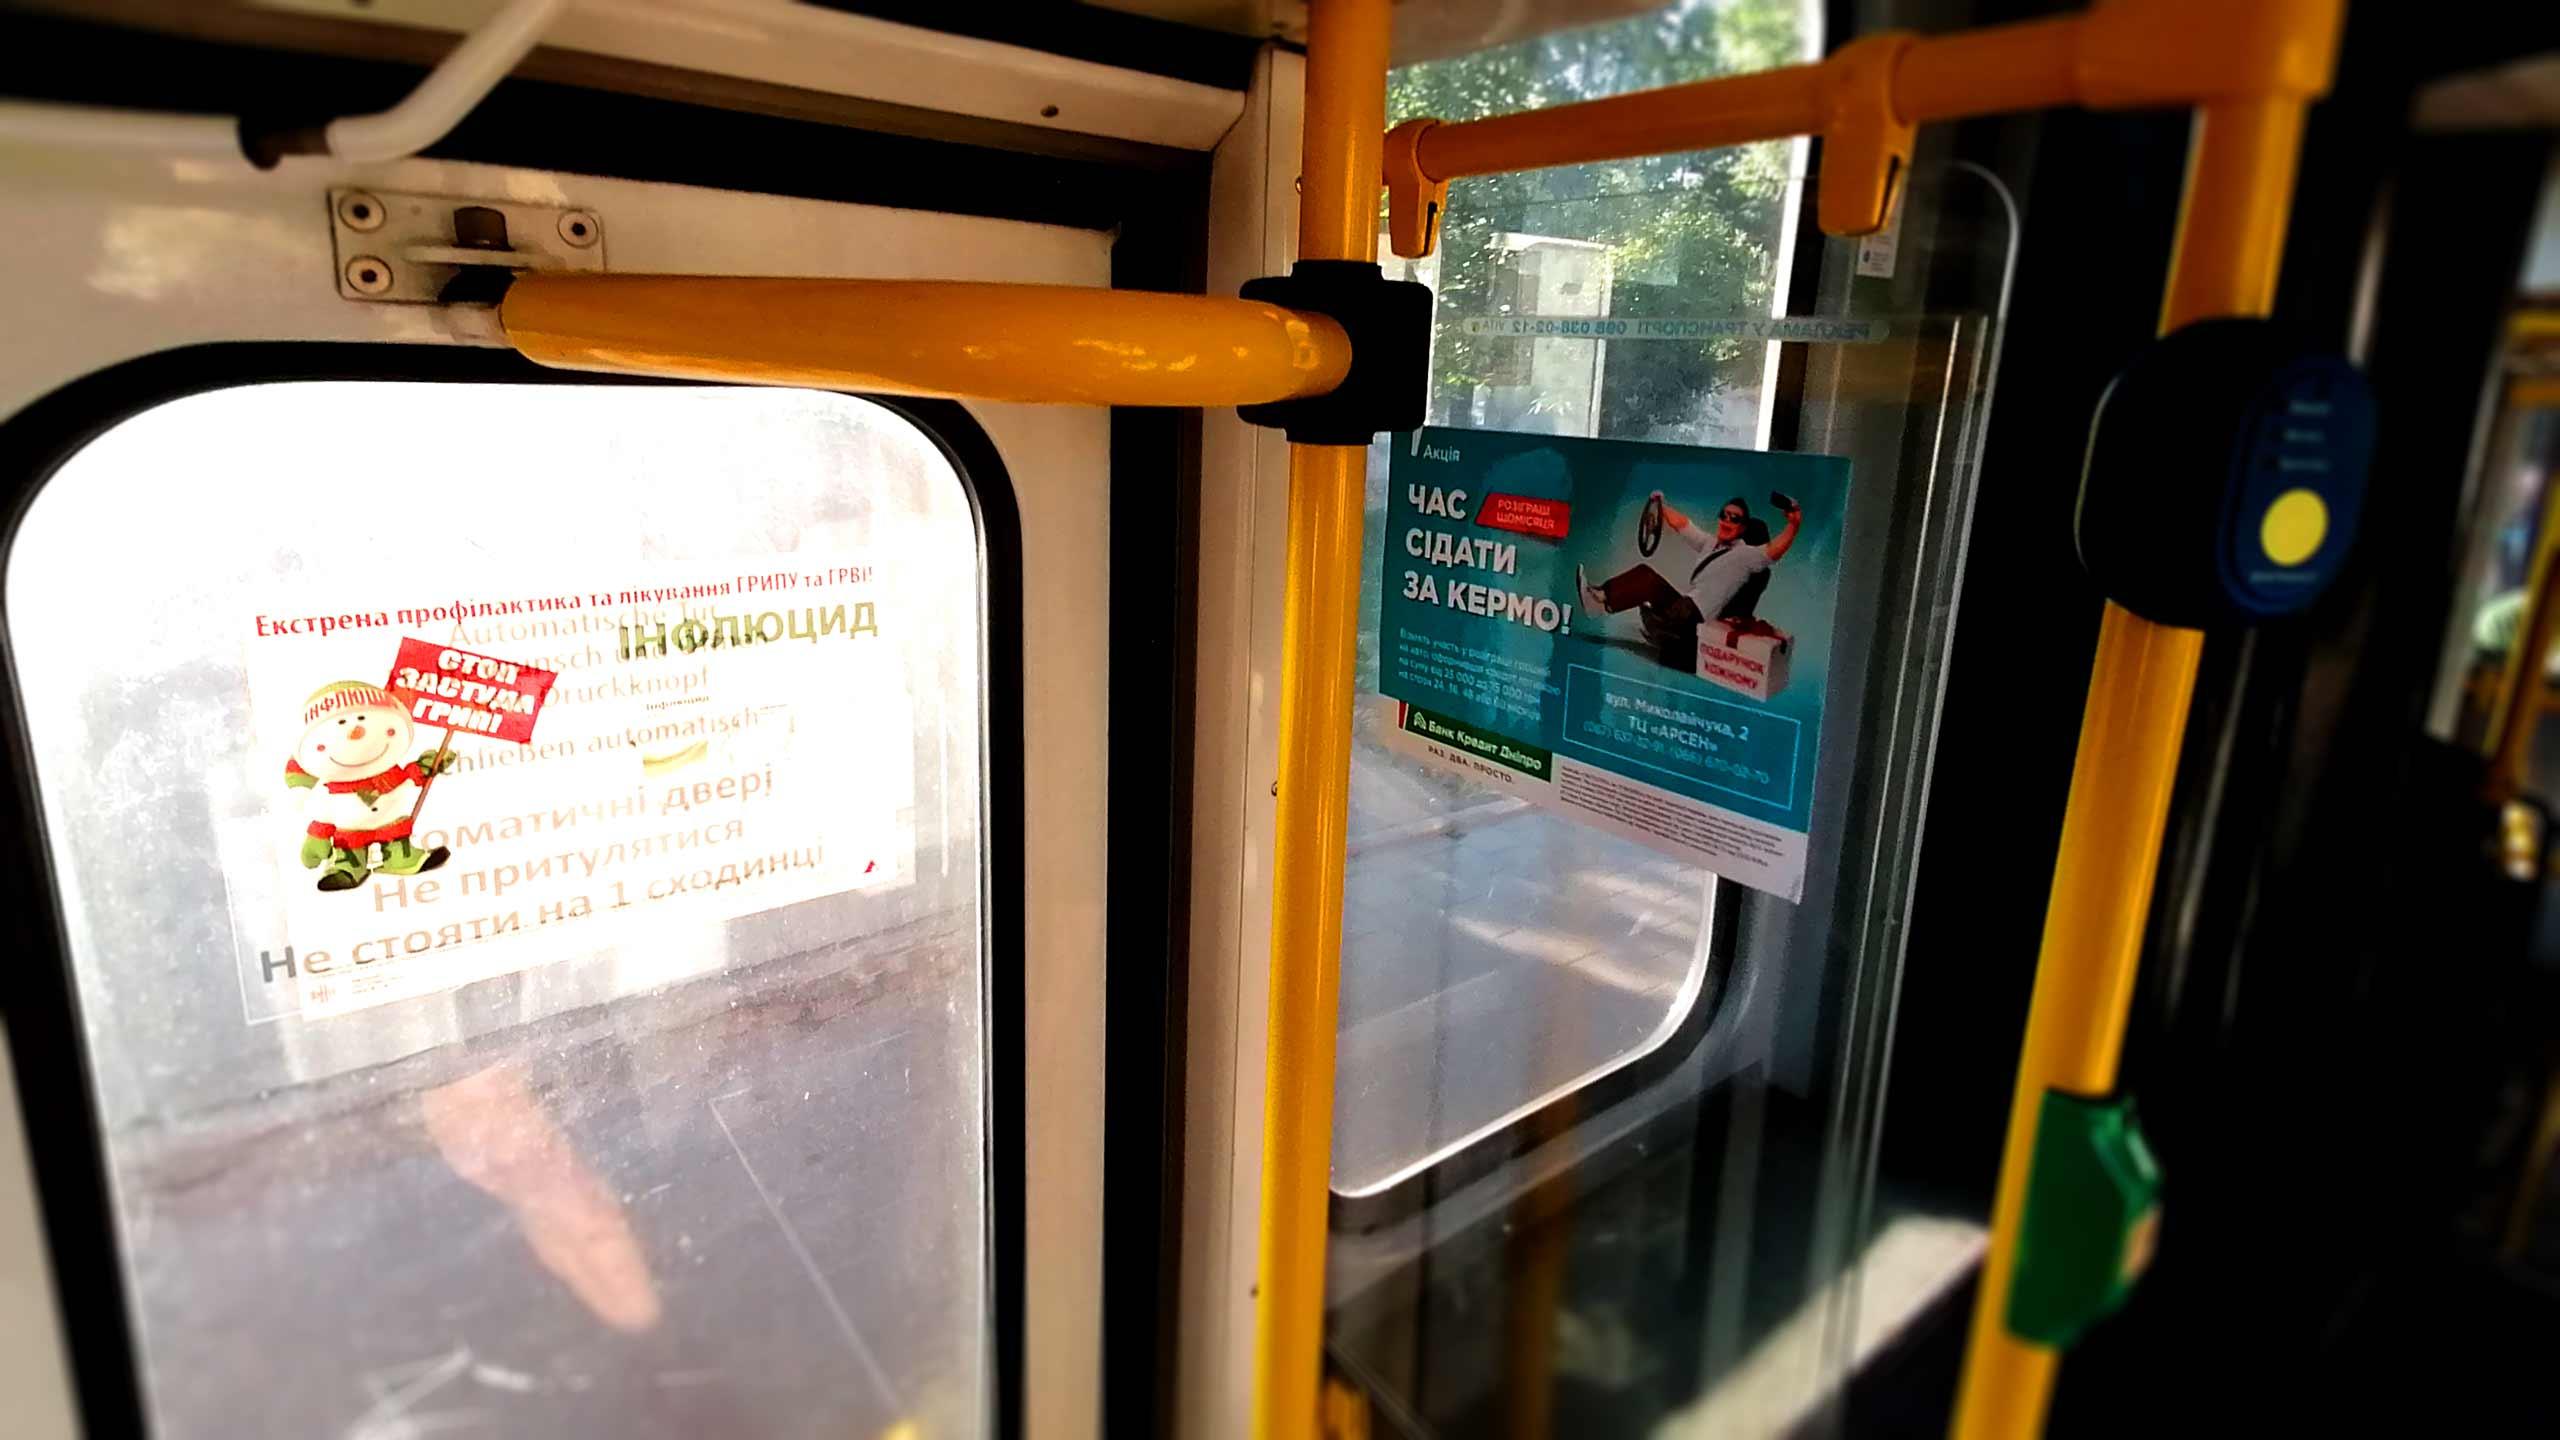 Реклама в троллейбусе Киев